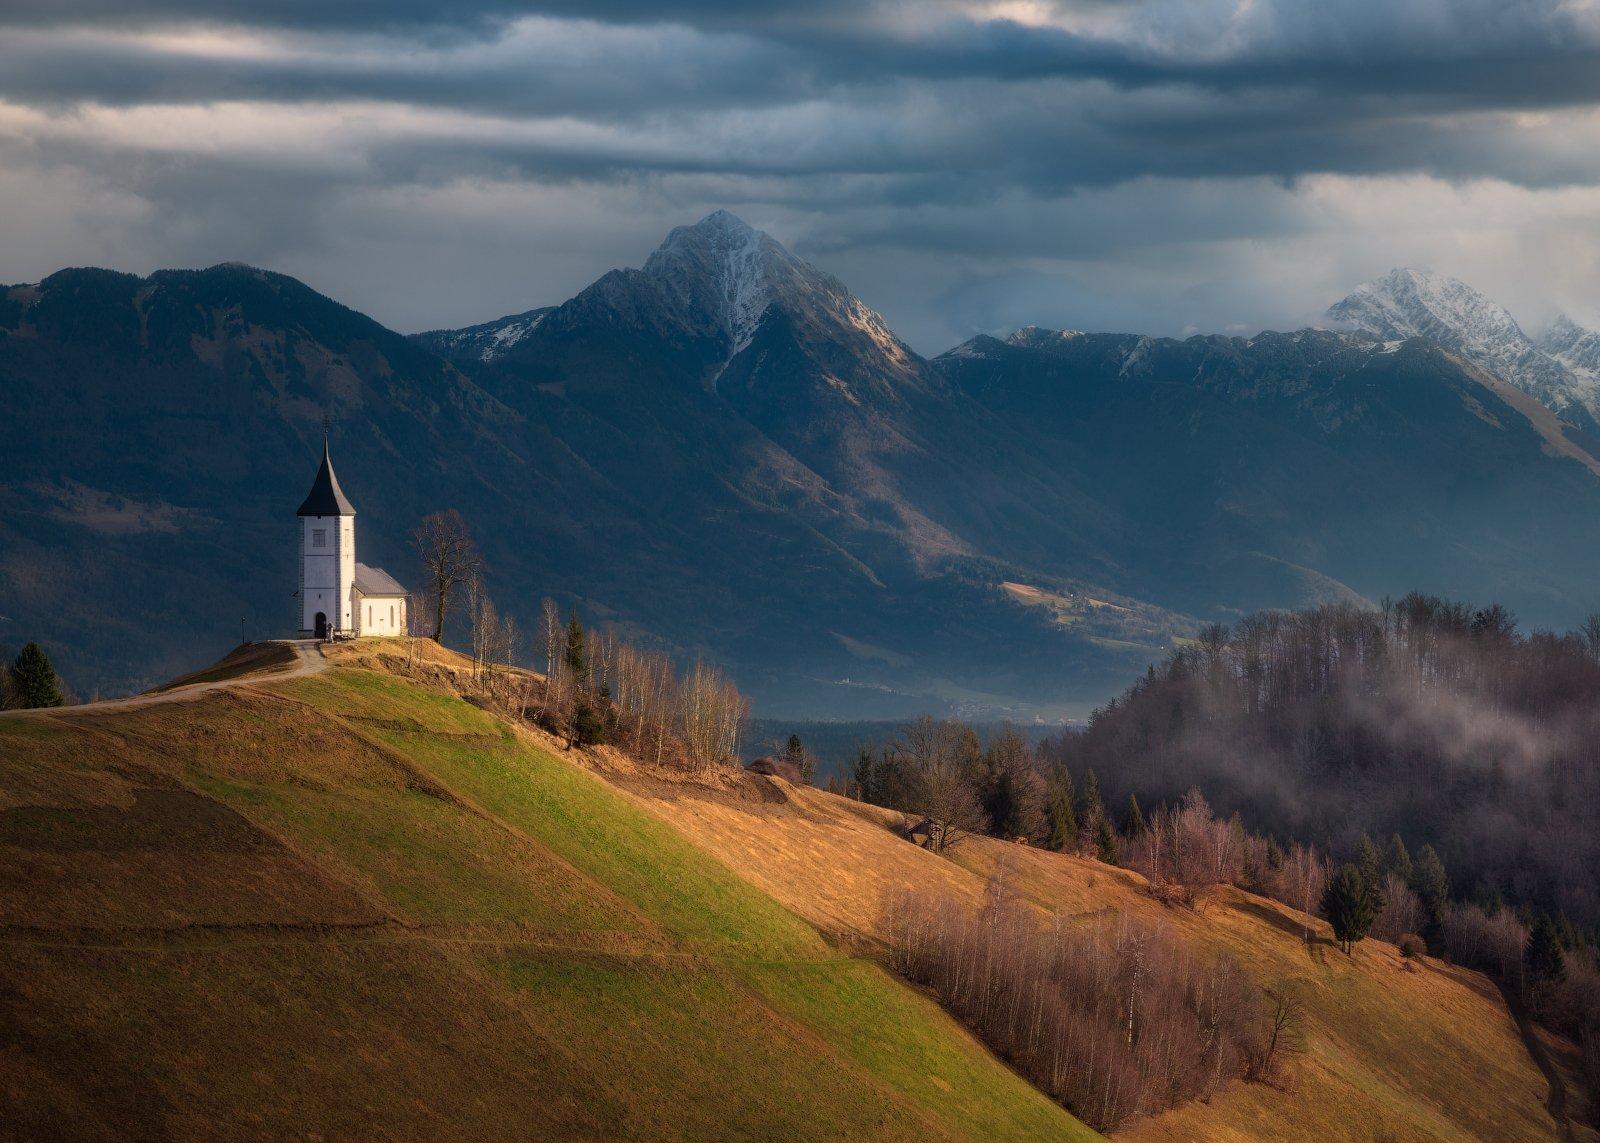 Словения, горы, веса, церковь, холмы, Cтанислав Малых